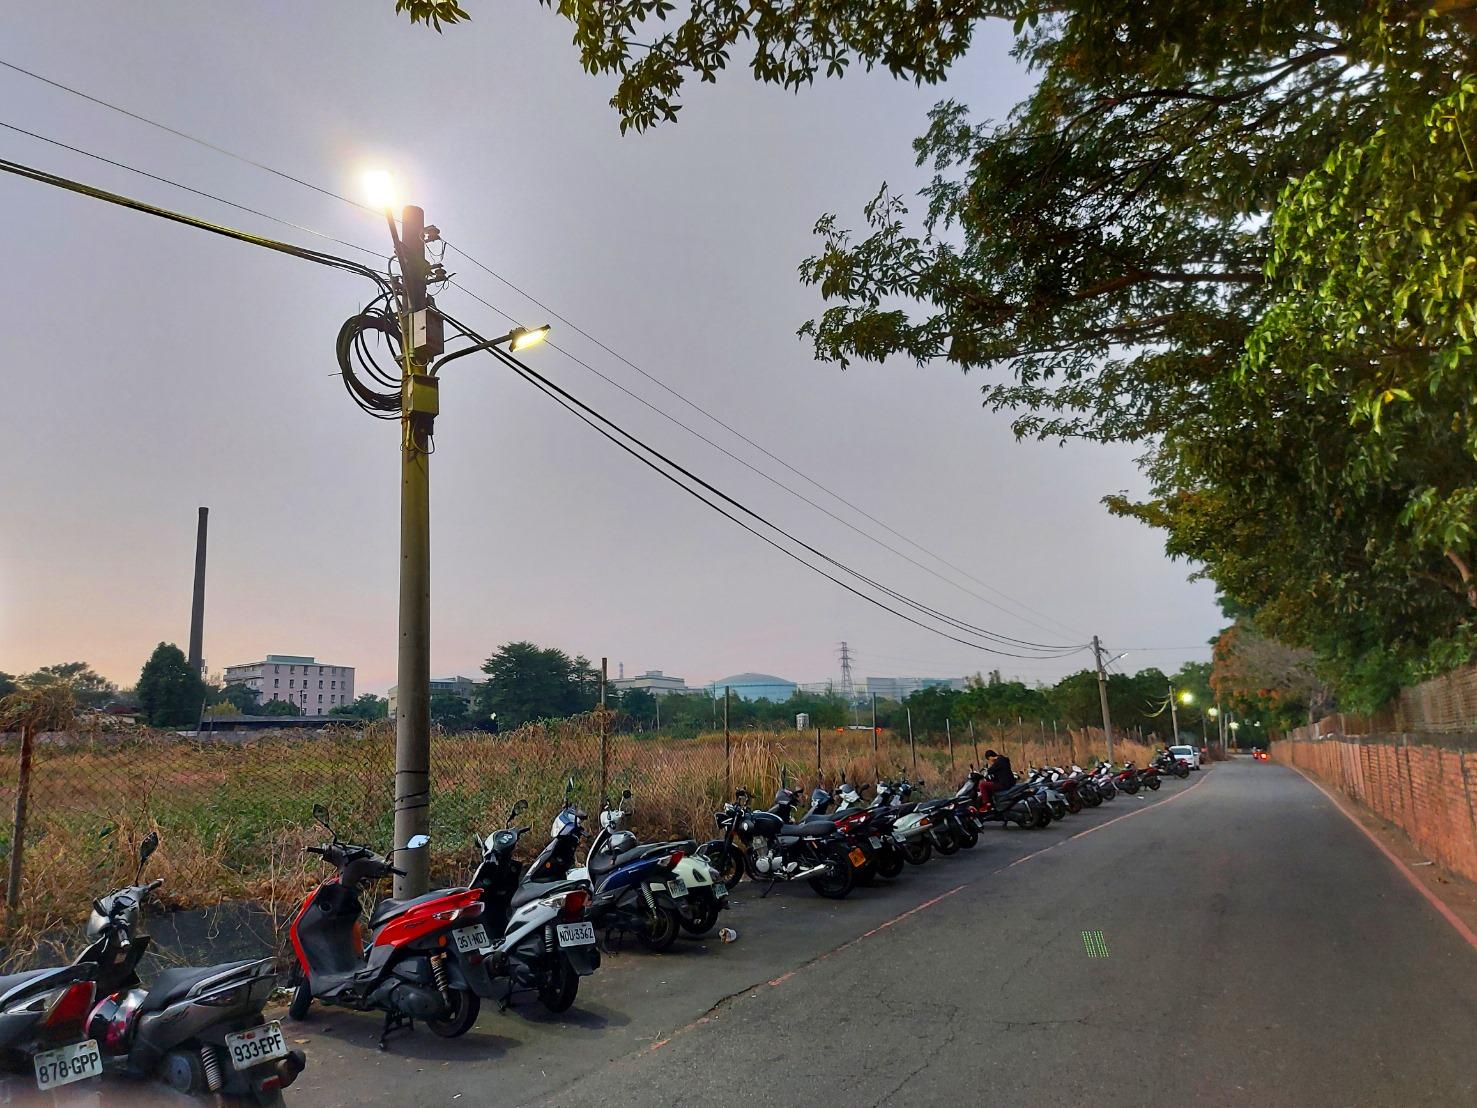 嶺東科大在校區無名巷加裝路燈